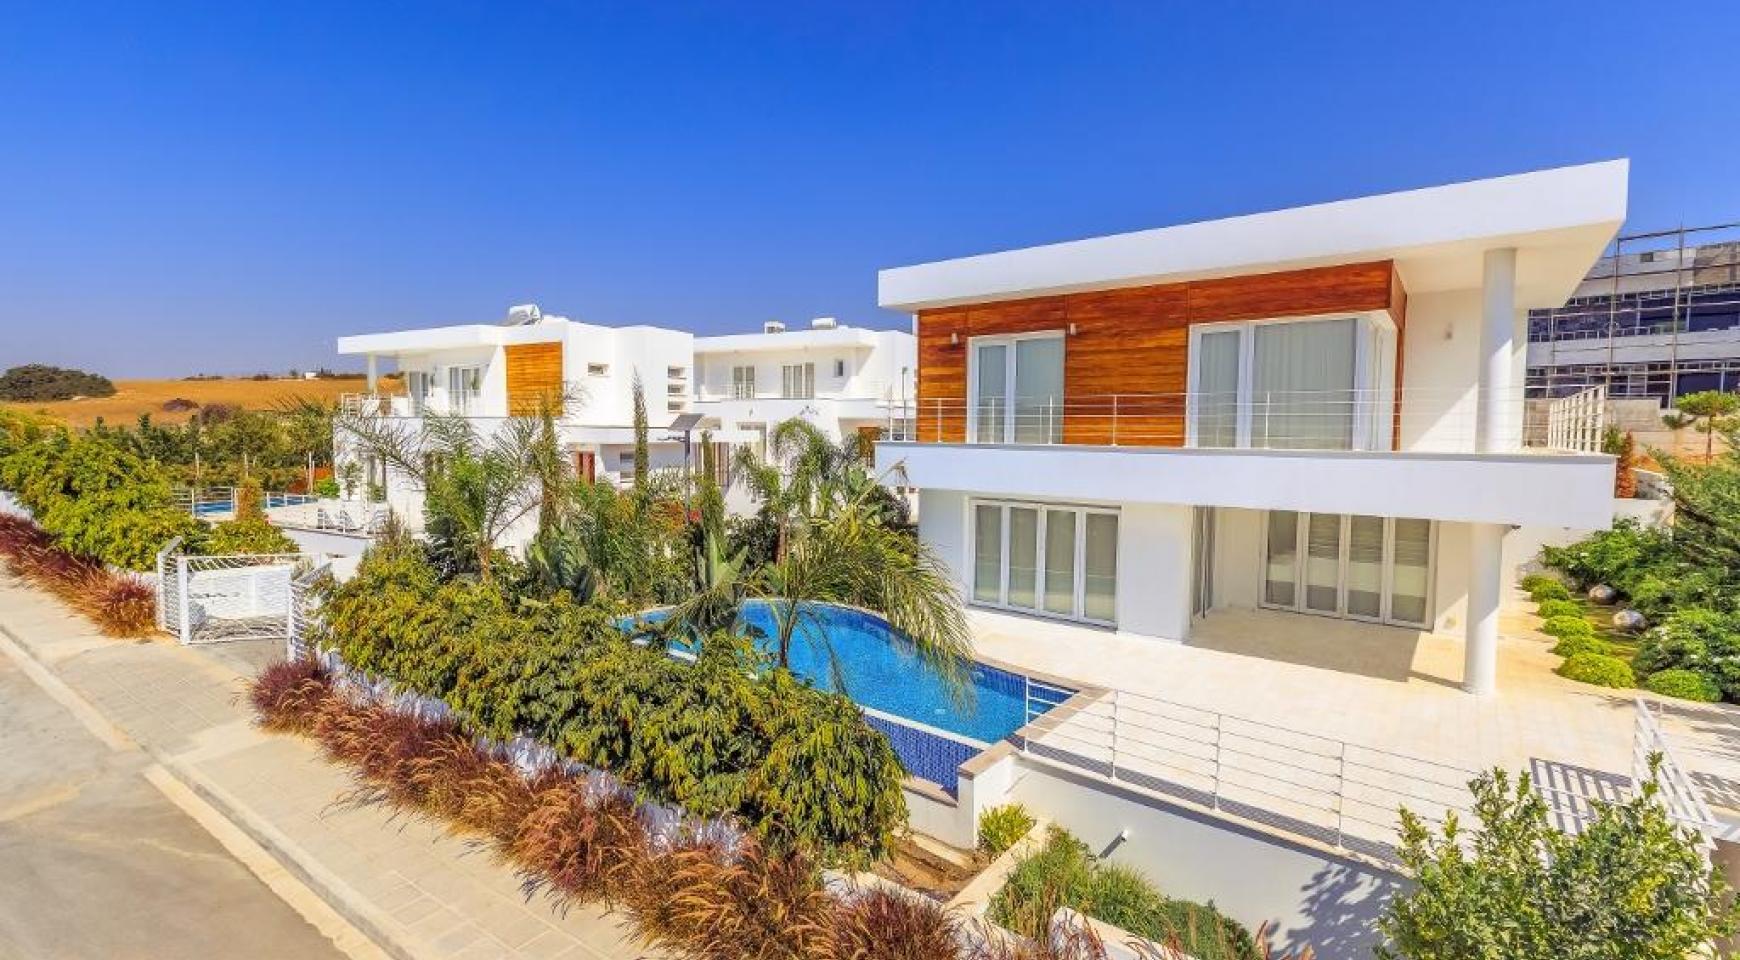 4 Bedroom Villa with Sea Views in Agios Tychonas - 3